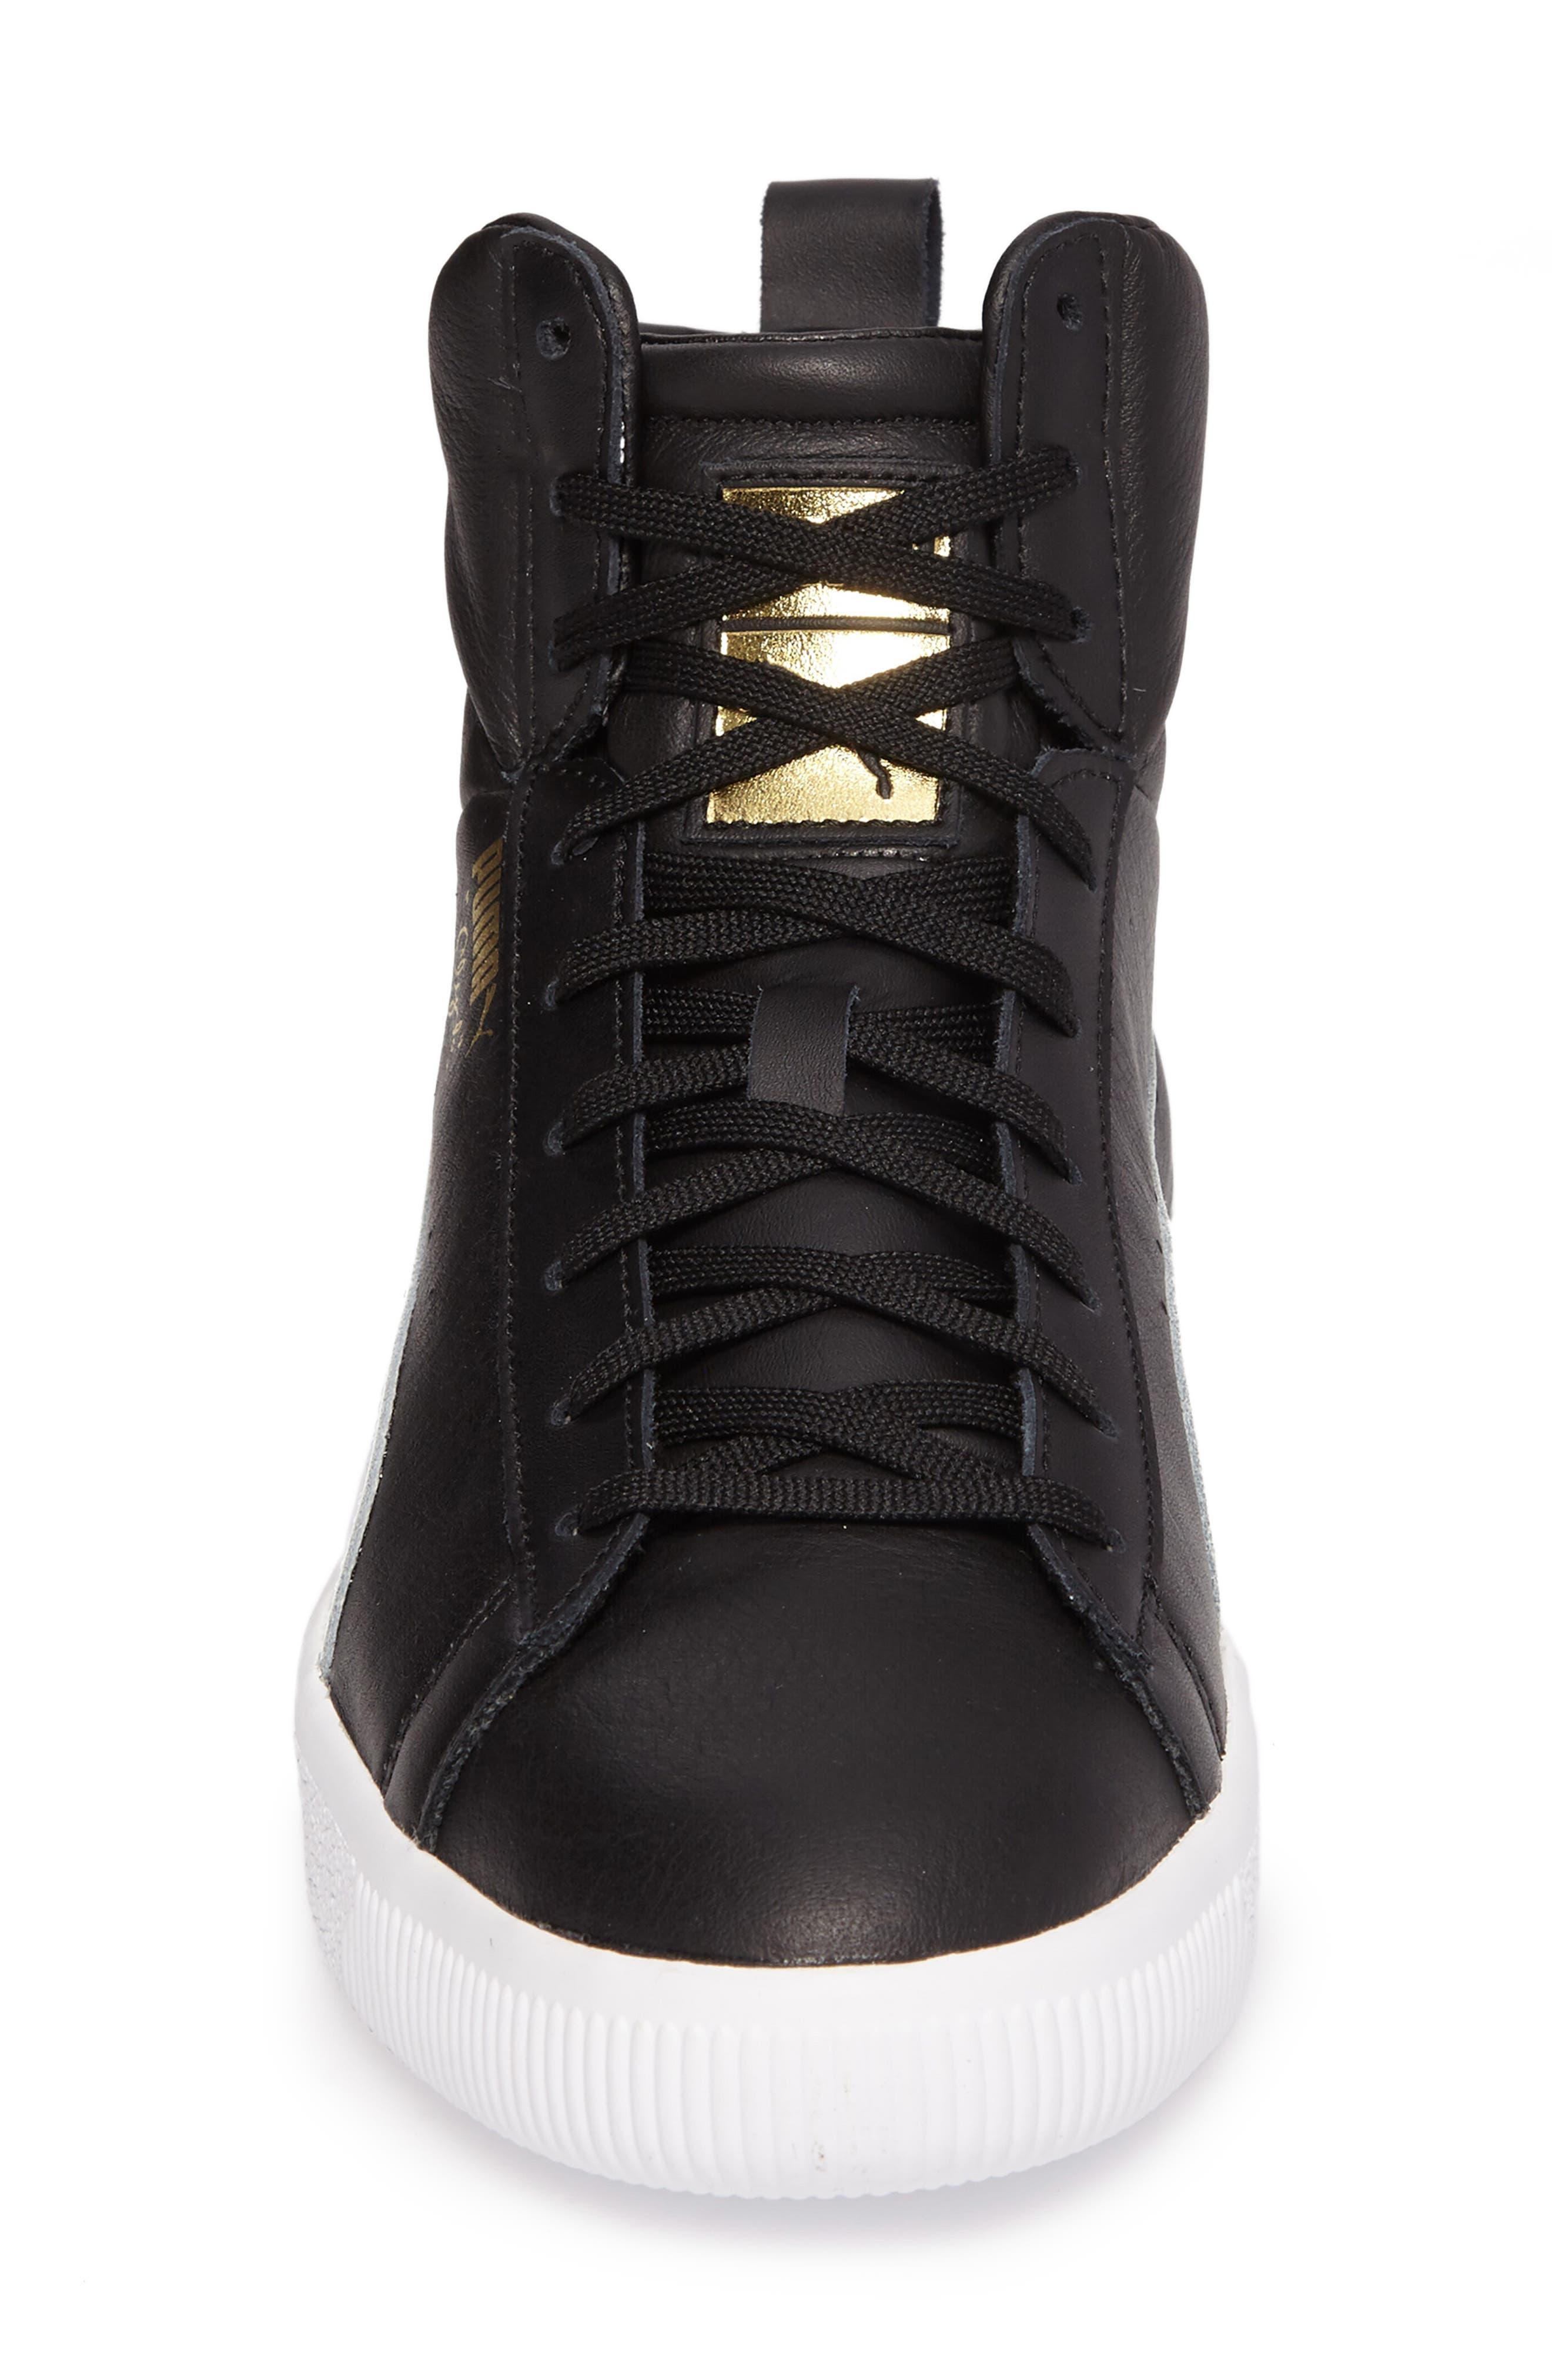 Clyde Mid Sneaker,                             Alternate thumbnail 4, color,                             Black/ White